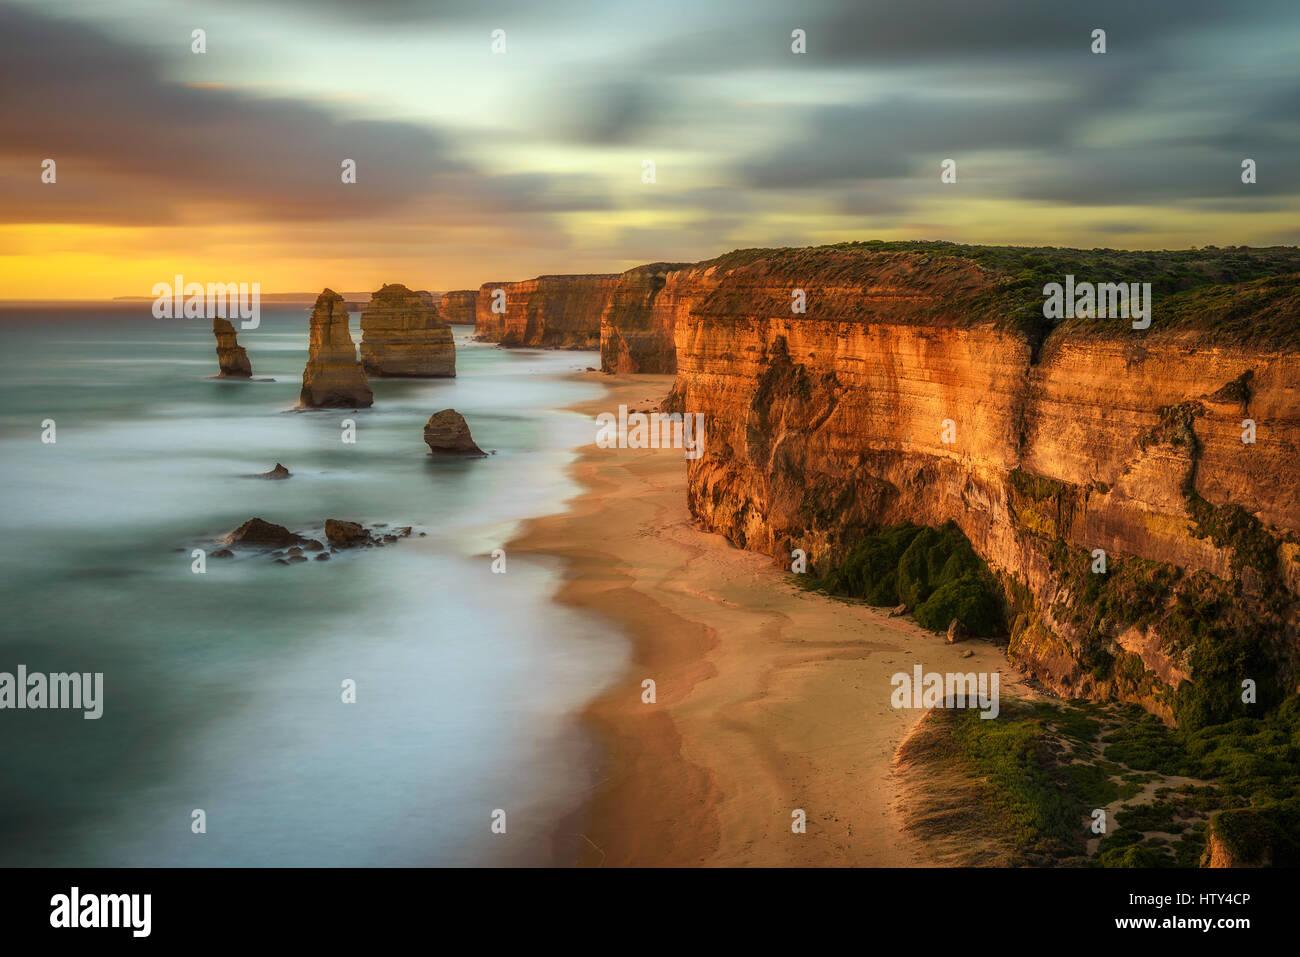 Puesta de sol sobre los doce apóstoles, a lo largo de la famosa Great Ocean Road en Victoria, Australia, cerca Imagen De Stock